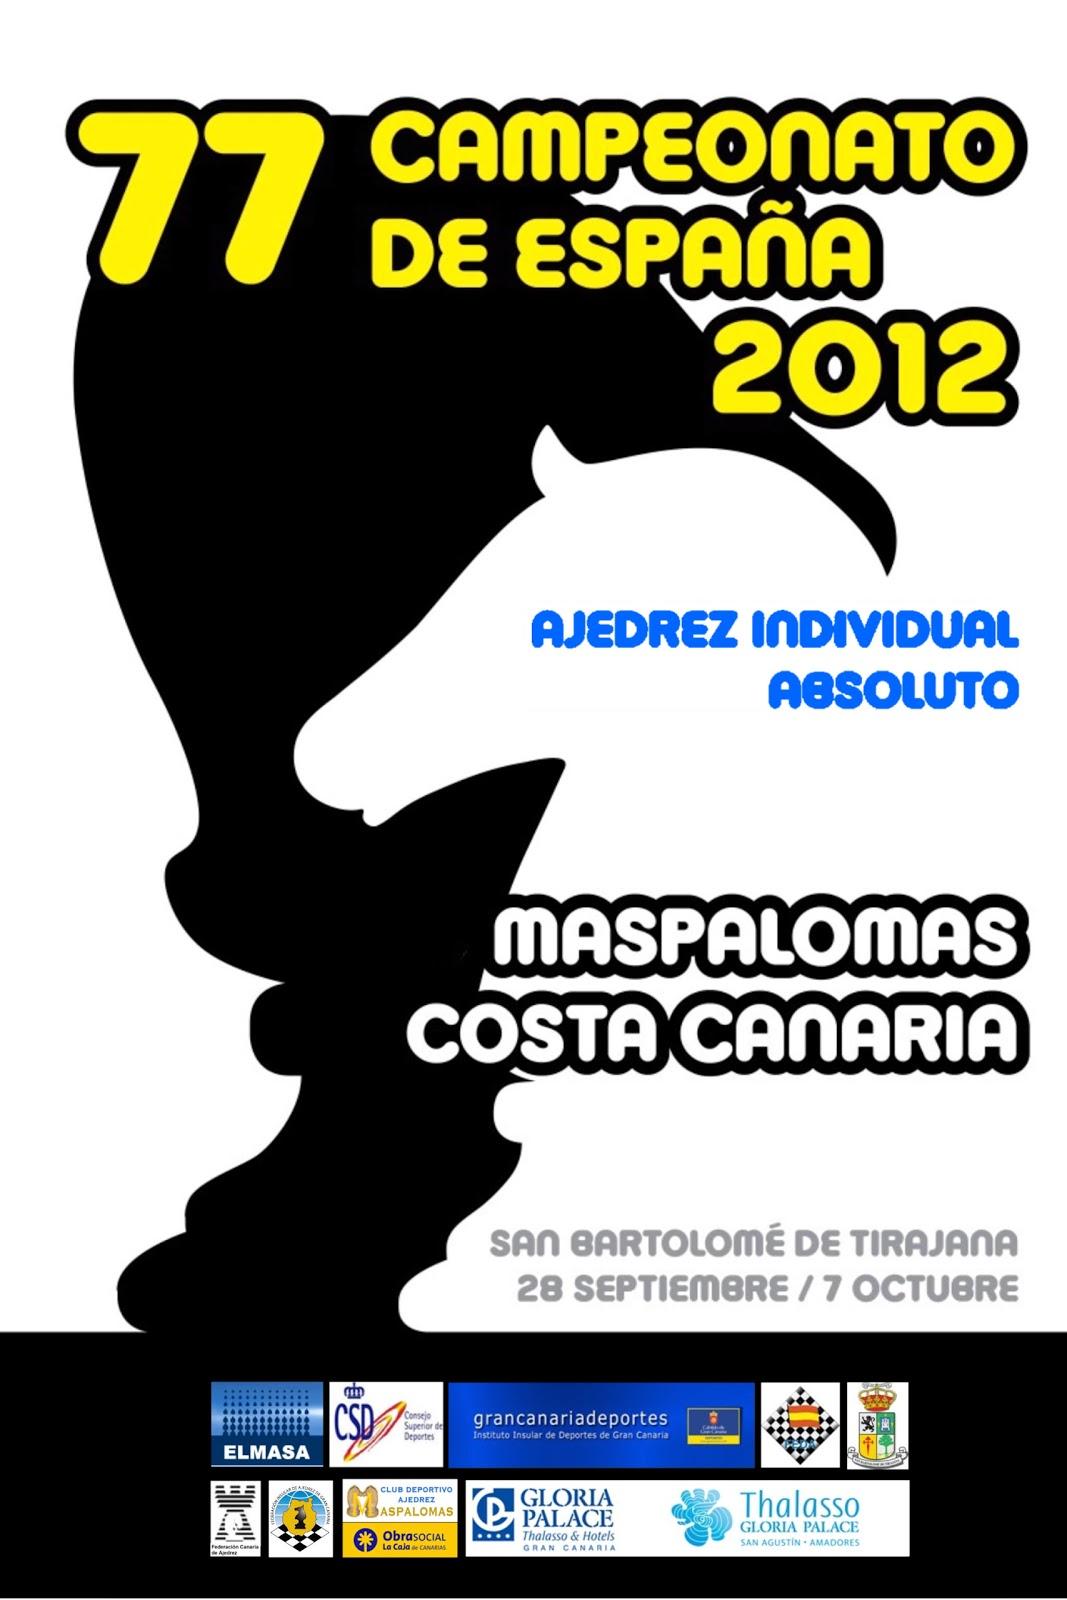 Campeonato de España de ajedrez 2012 Maspalomas Gran Canaria